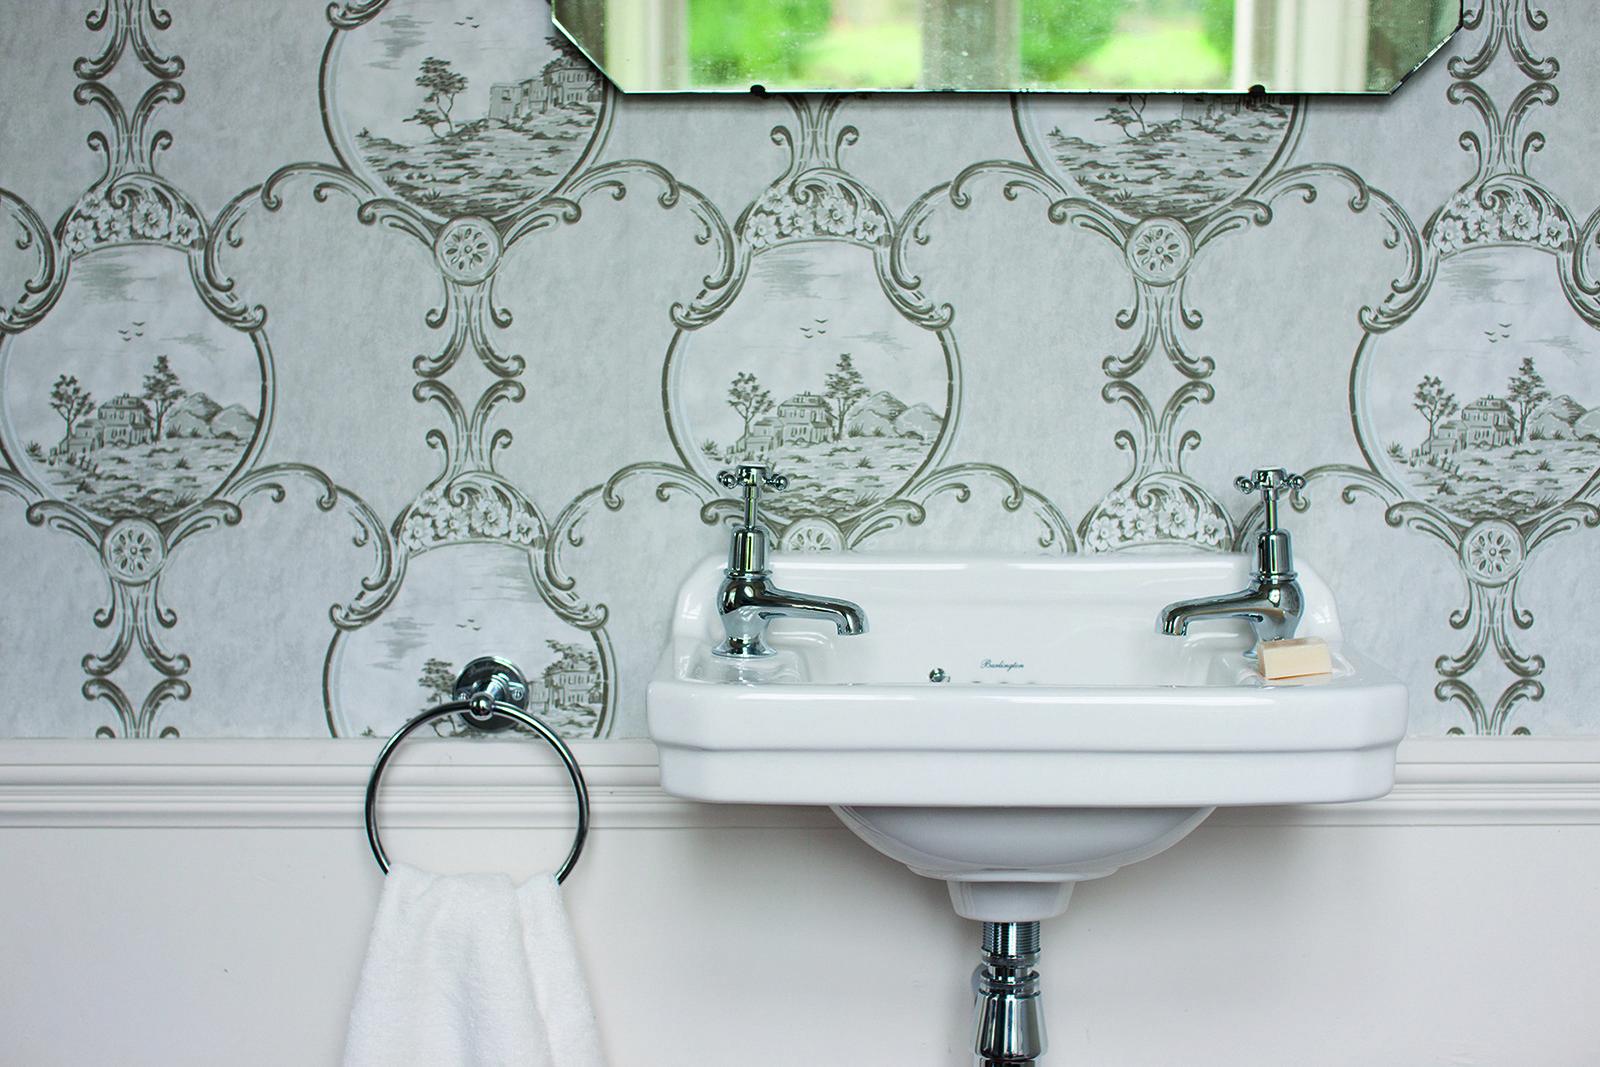 Ristrutturare il bagno: dalle piastrelle allo scaldasalviette - Cose ...